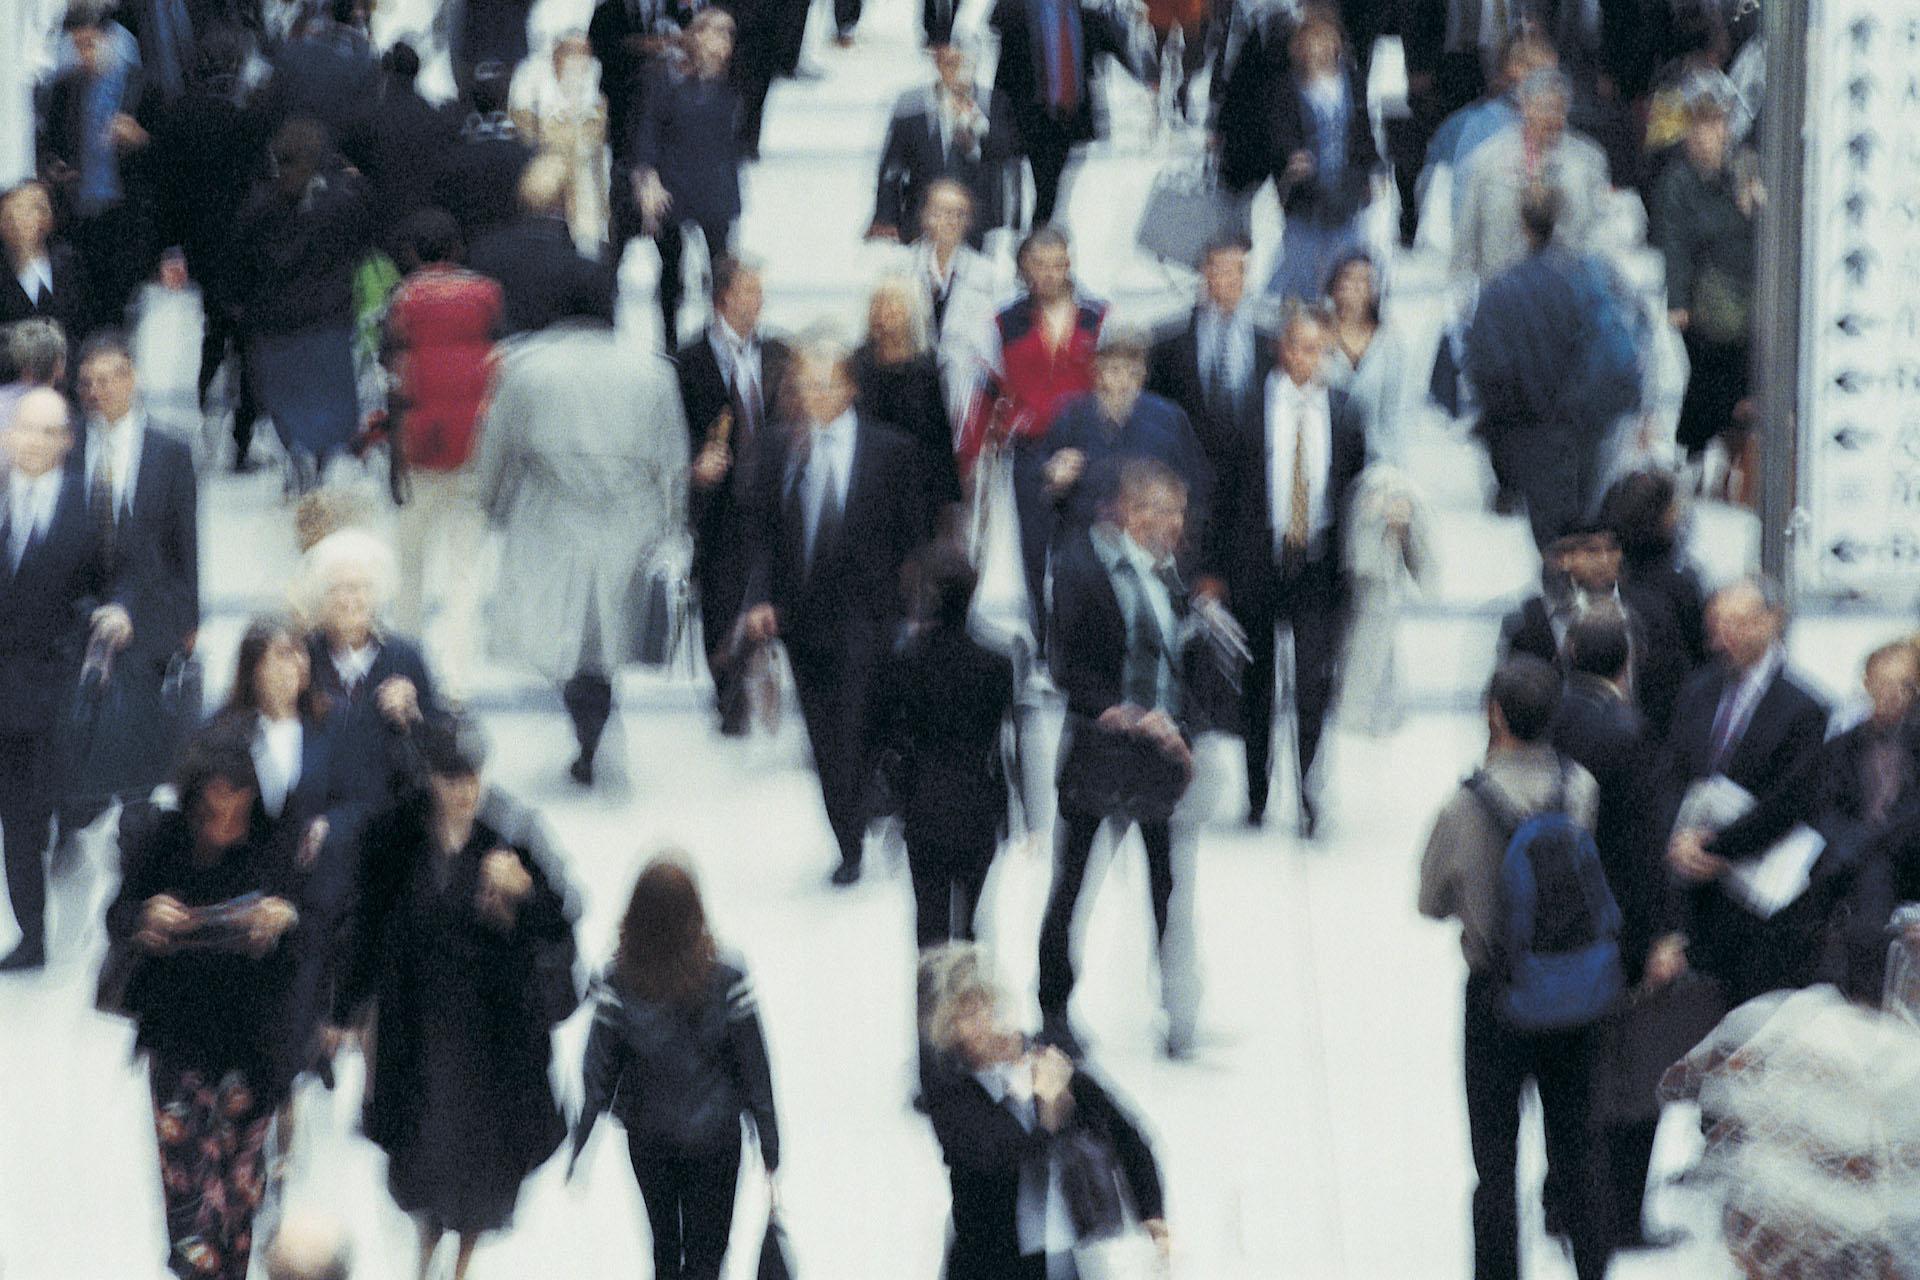 pedestrians facial recognition